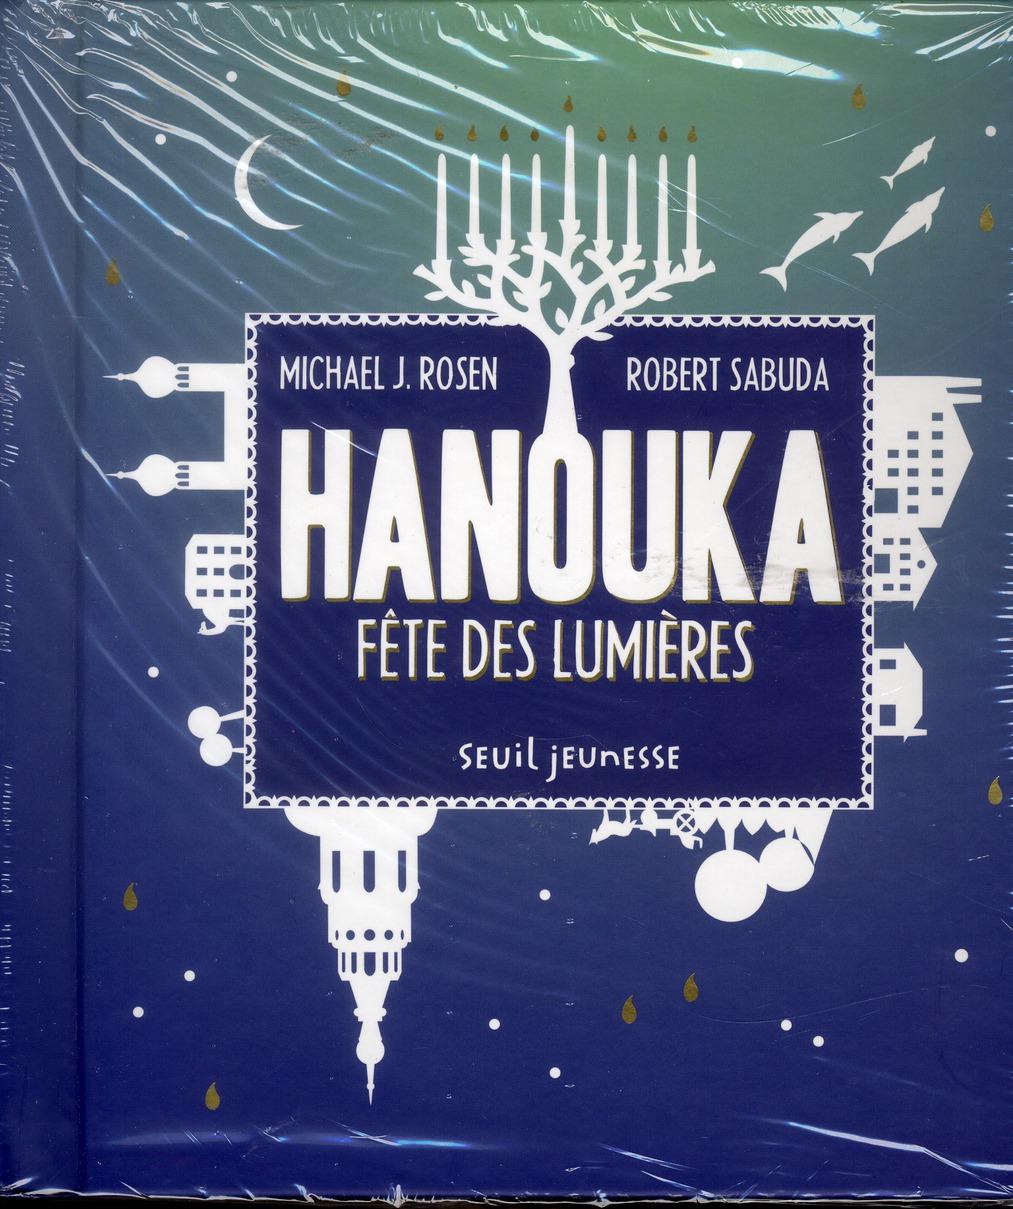 HANOUKA. FETE DES LUMIERES